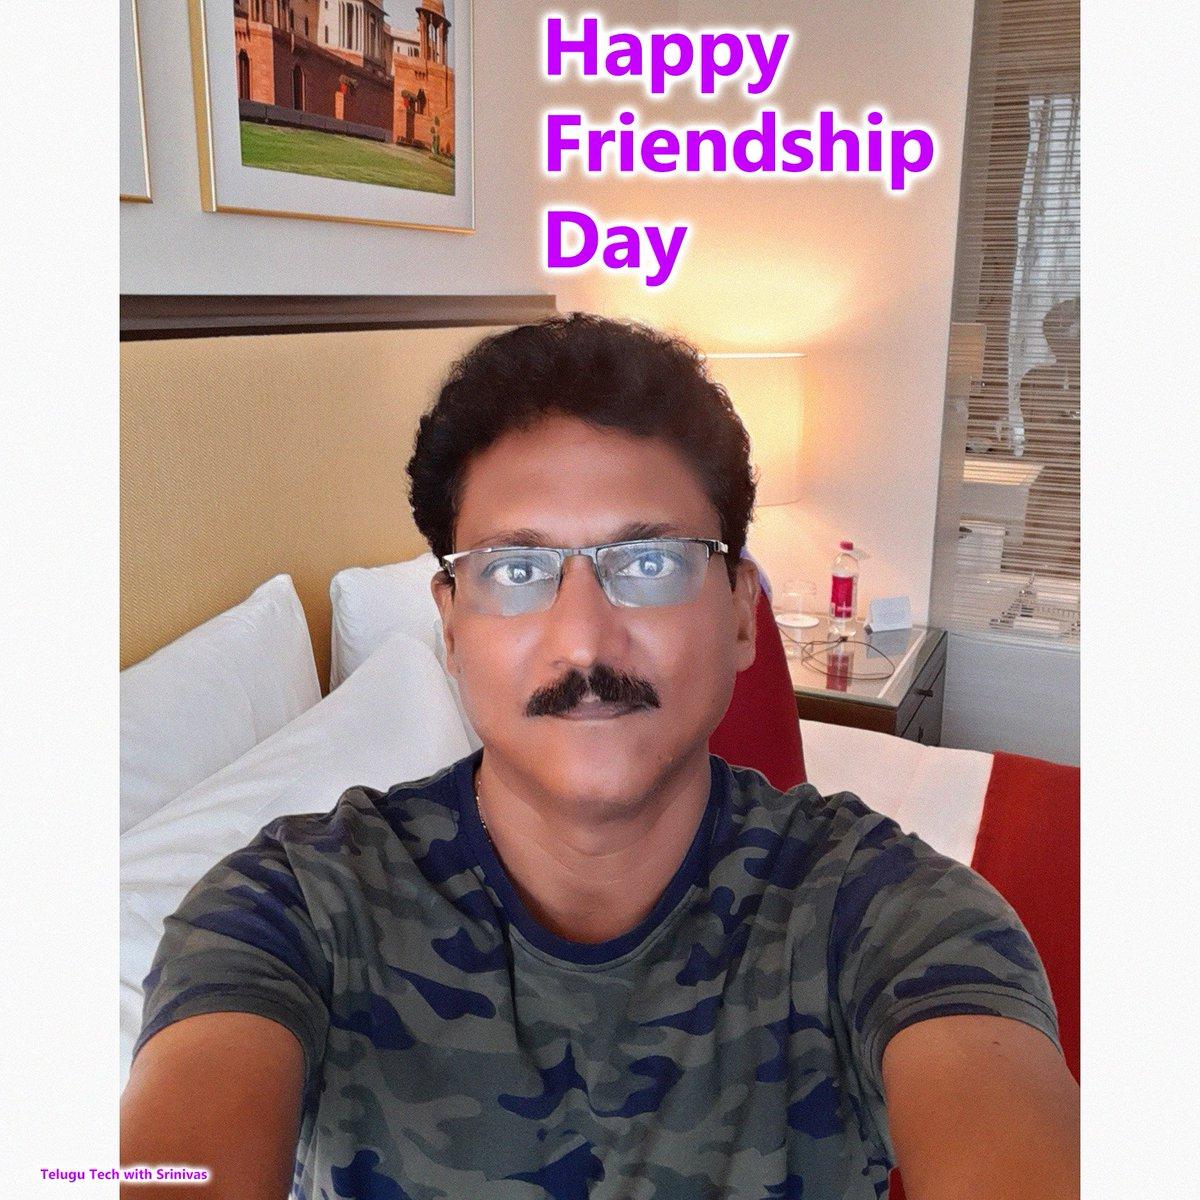 Happy Friendship Day  . . . . #happyfriendshipday #happy #friendship #day pic.twitter.com/MDfgU0vfZ1